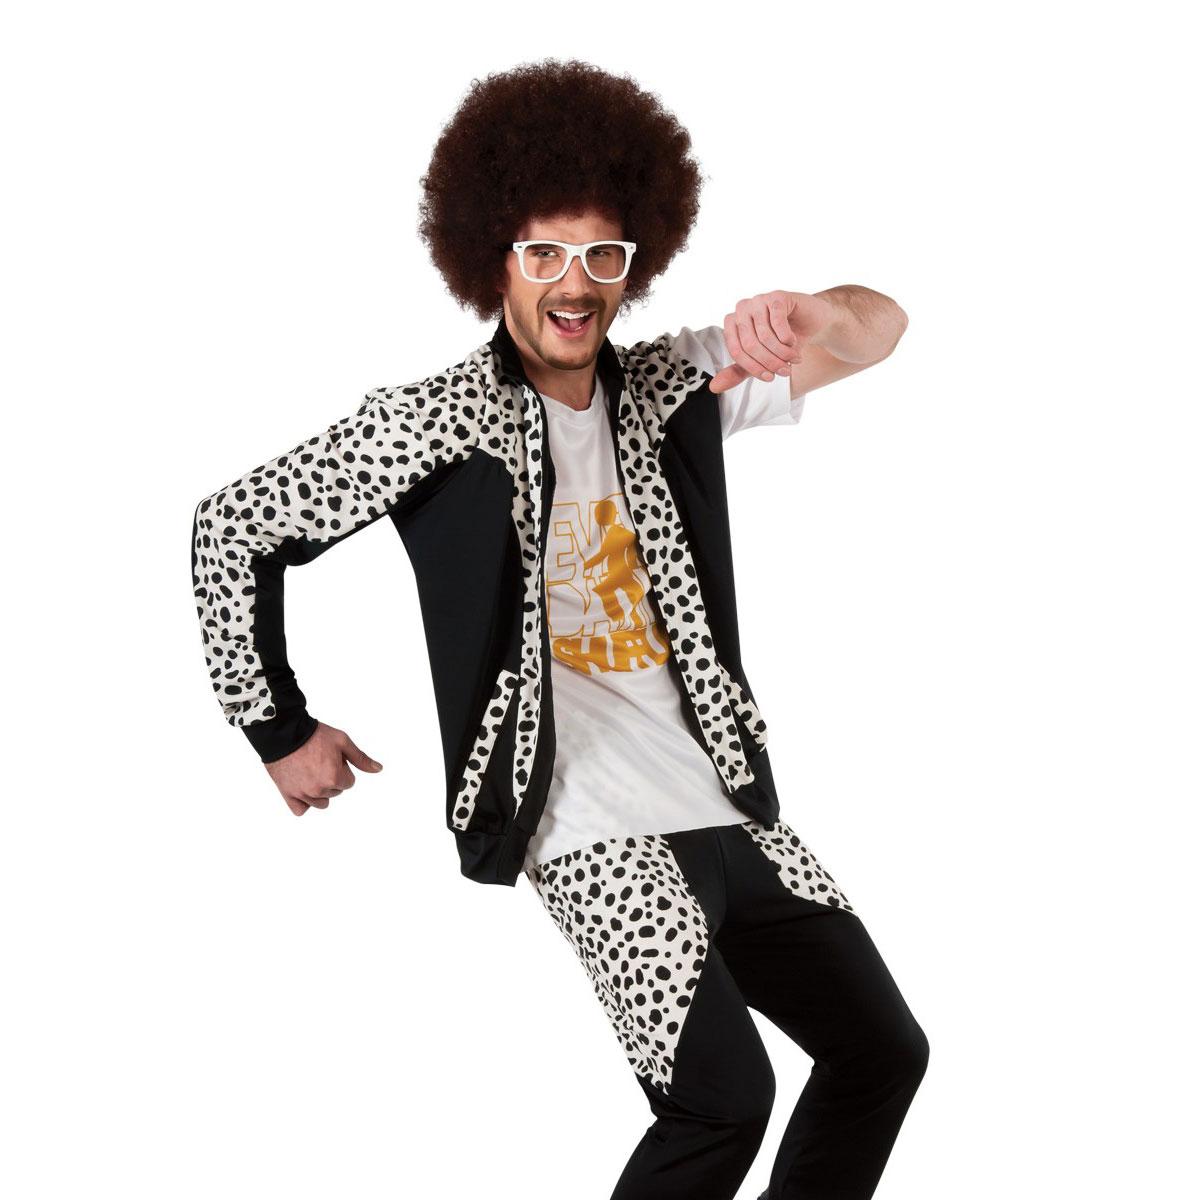 在庫処分市 LMFAO レッドフー かつら ウィッグ アフロ 大人用 クラブ ダンス ハロウィン コスプレ 仮装 グッズ あす楽